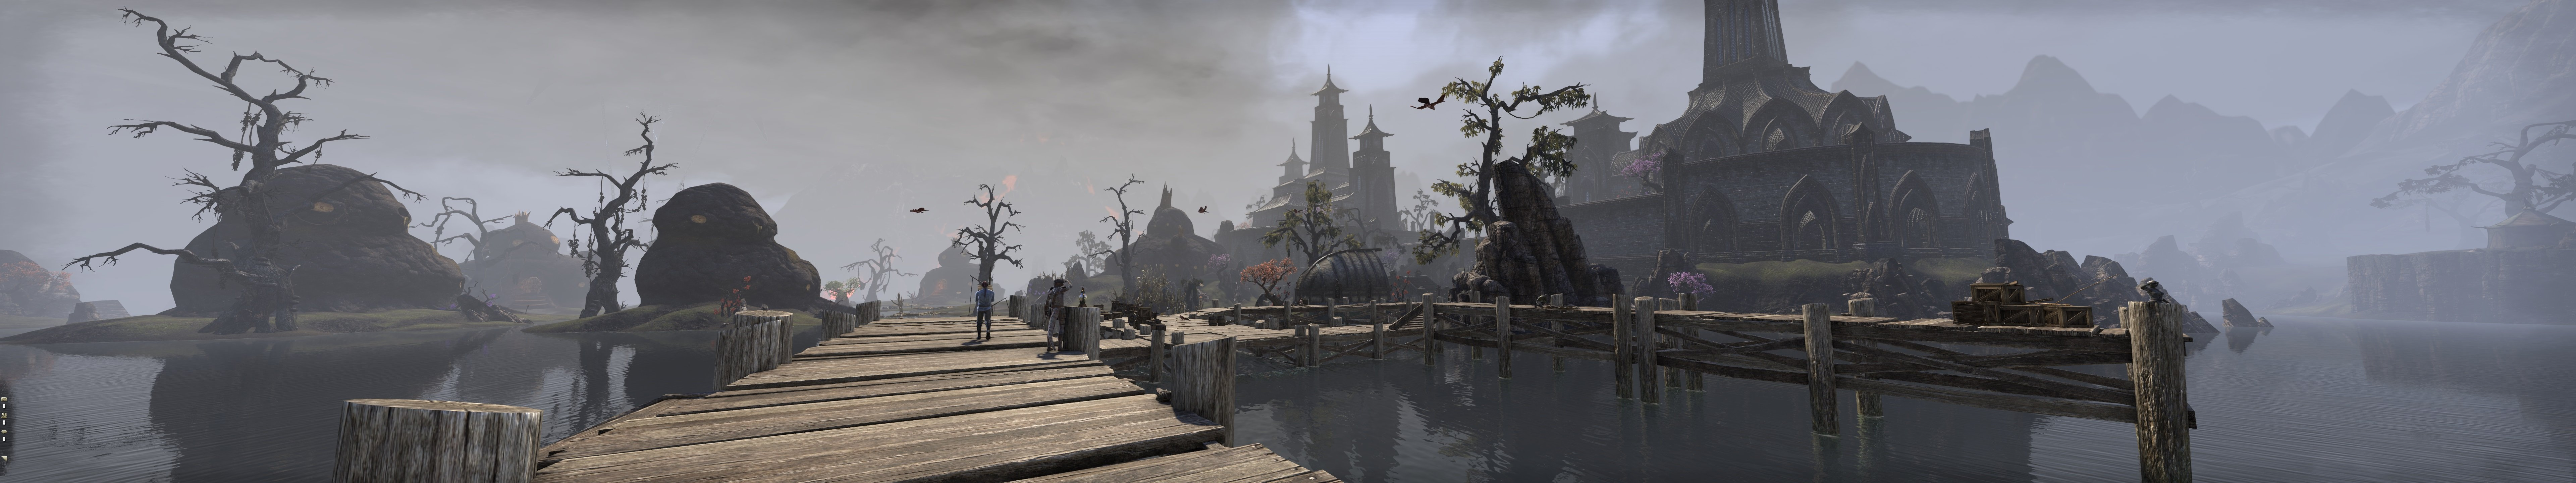 Пачка скриншотов из The Elder Scrolls Online на максимальных настройках в разрешении 7680x1440 - Изображение 5